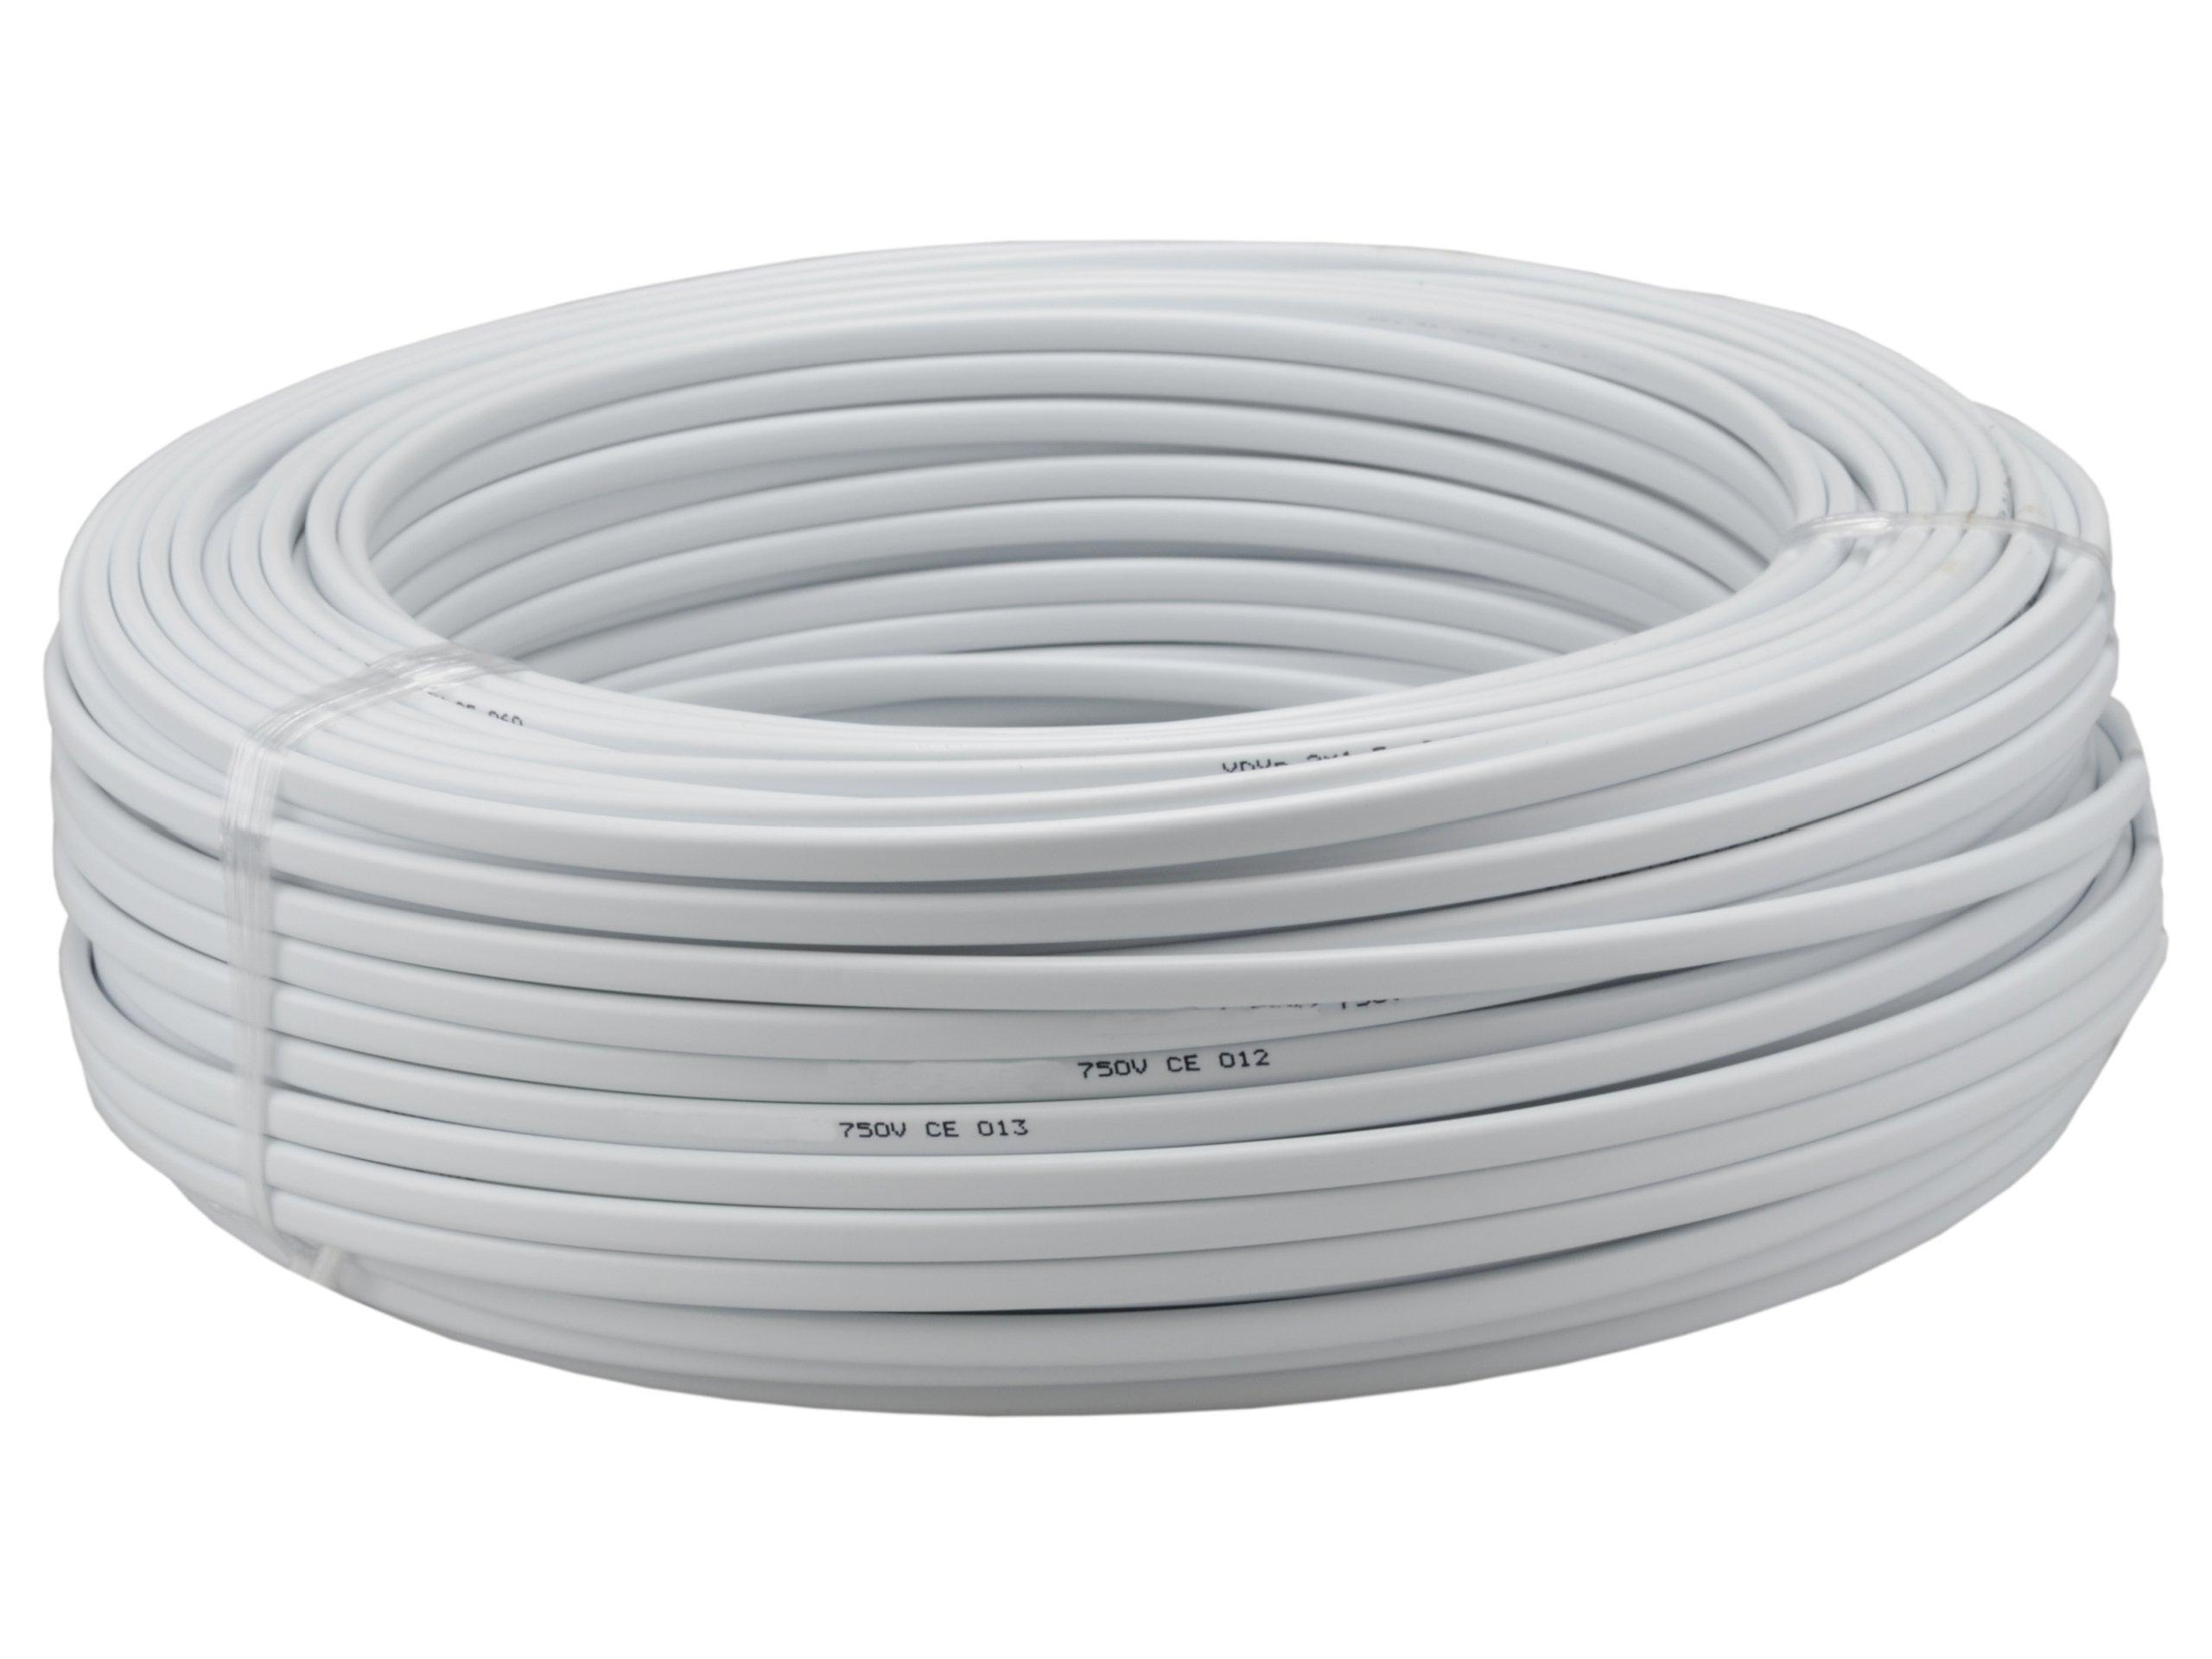 Przewód kabel prądowy drut YDYp 3x2,5 750V 100m